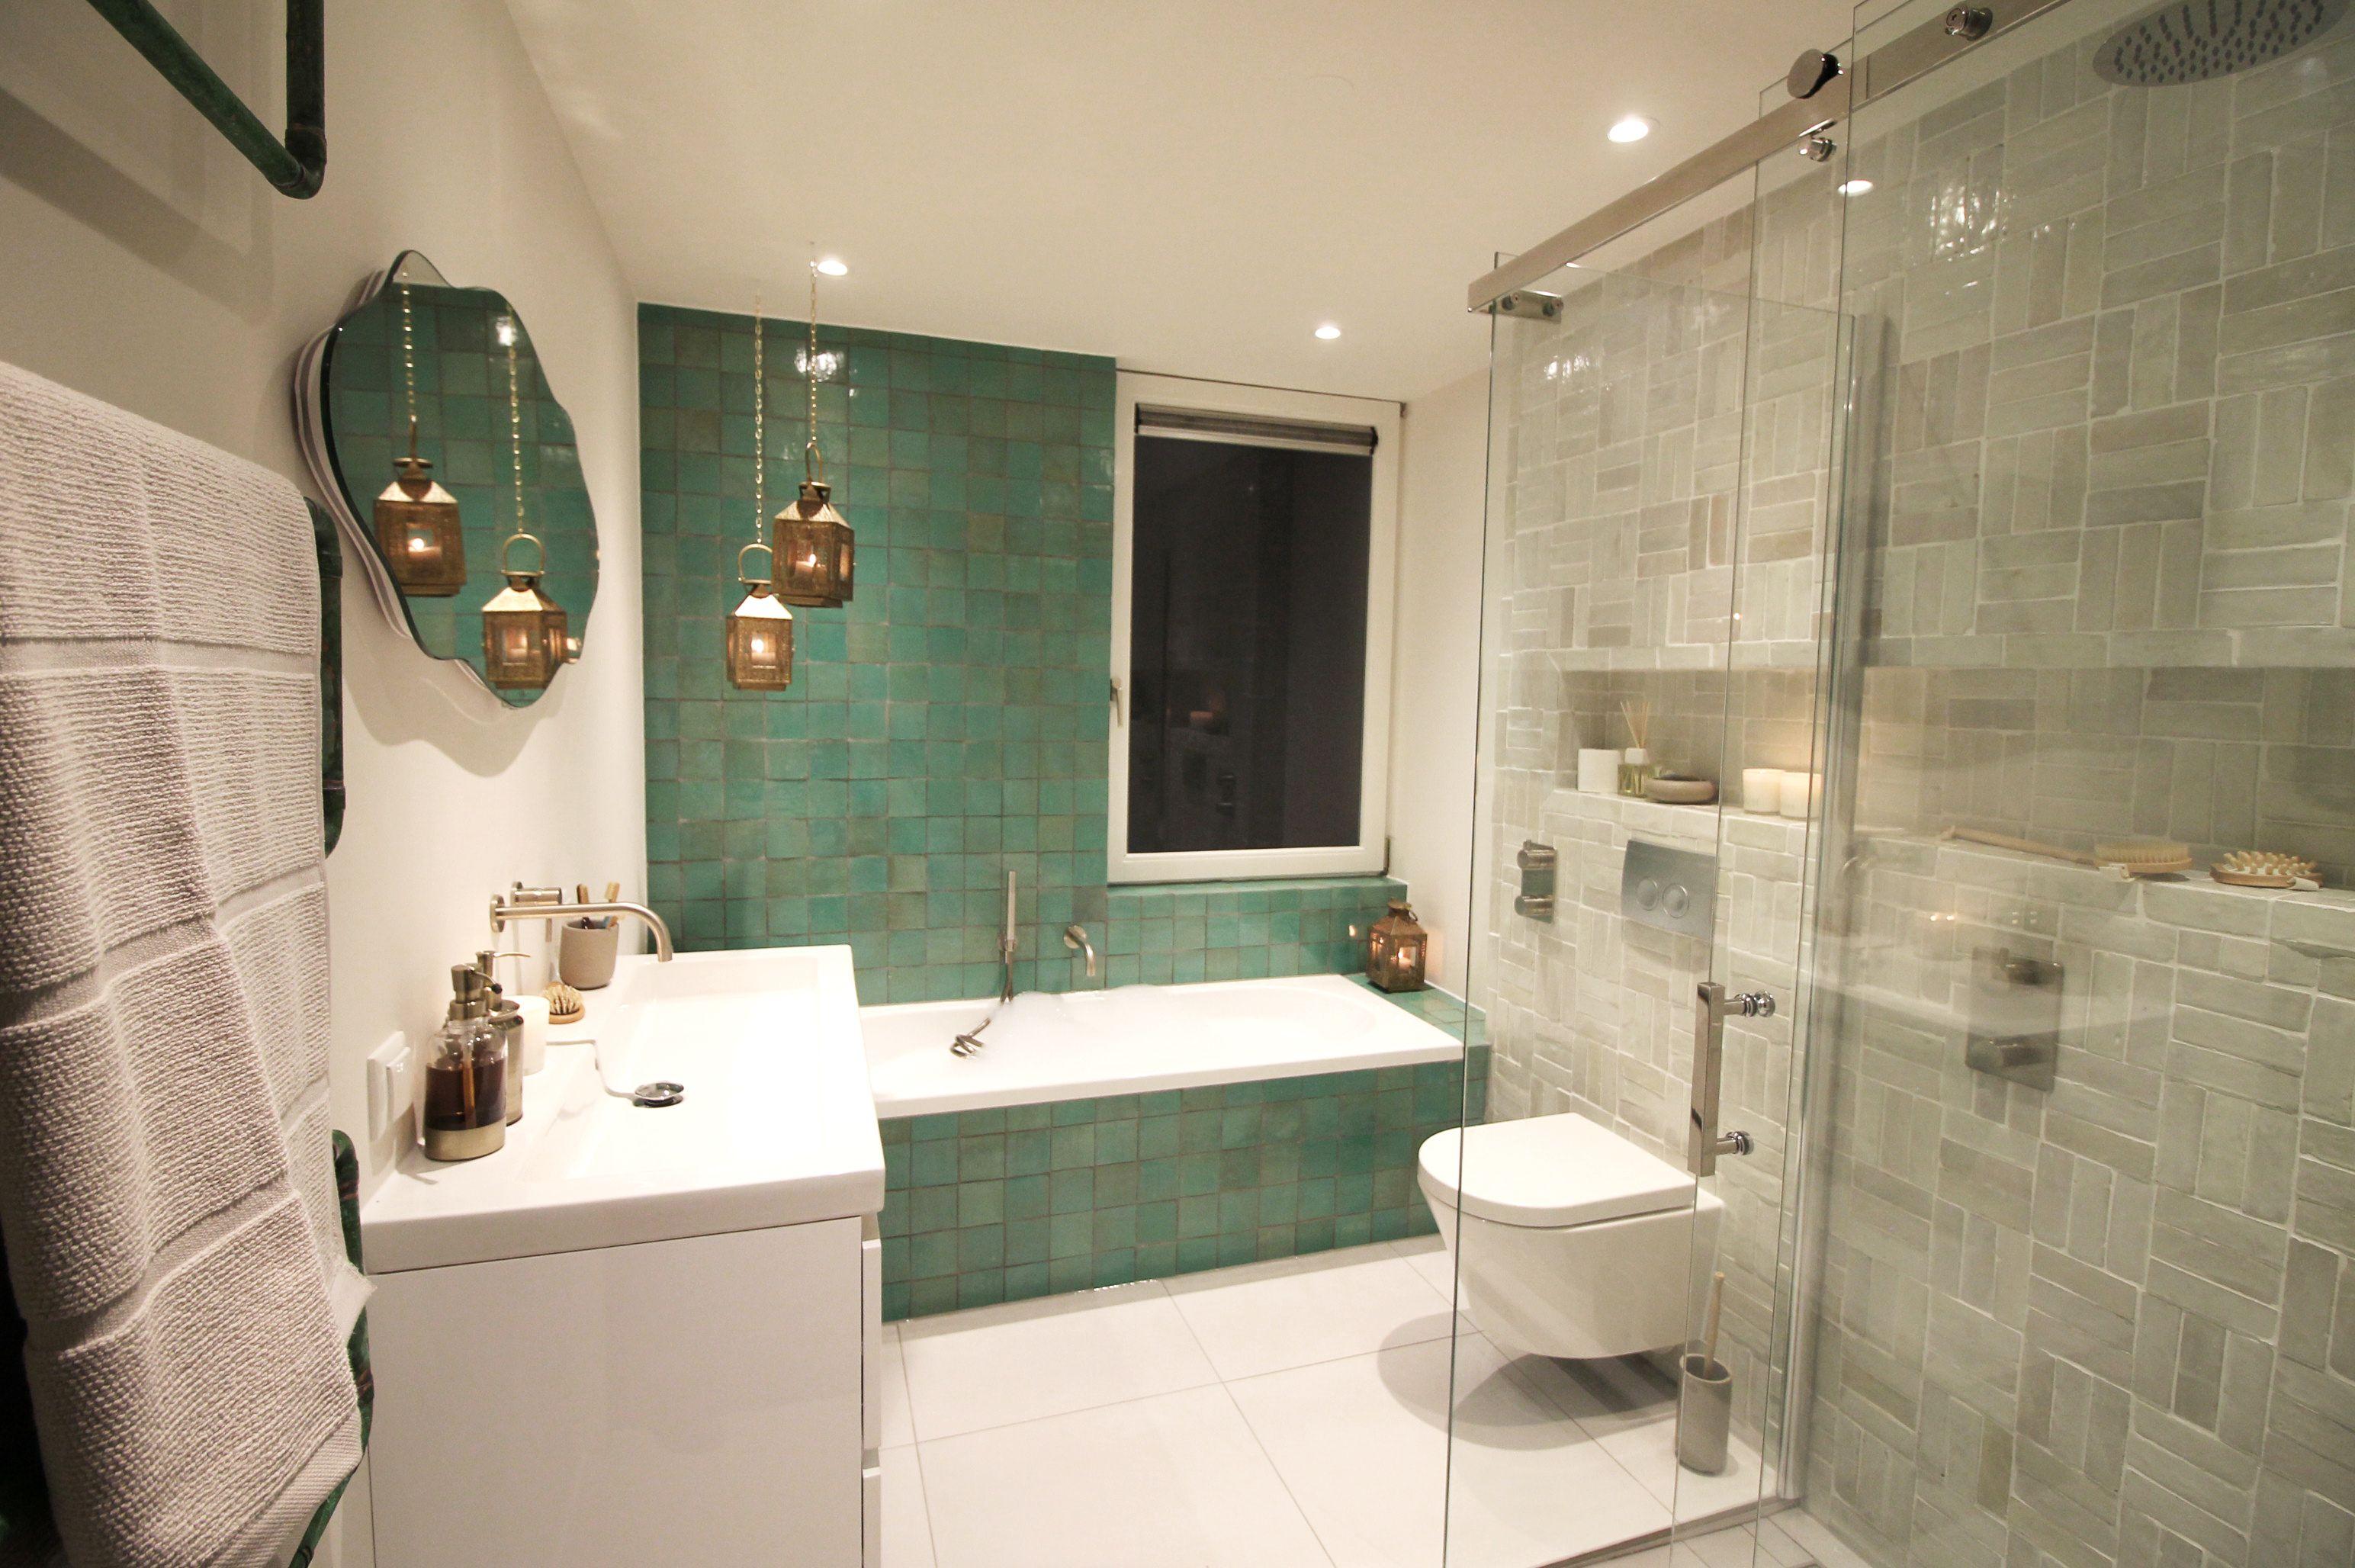 Badkamers Den Bosch : De modern oosterse badkamer die wij maakten in den bosch een